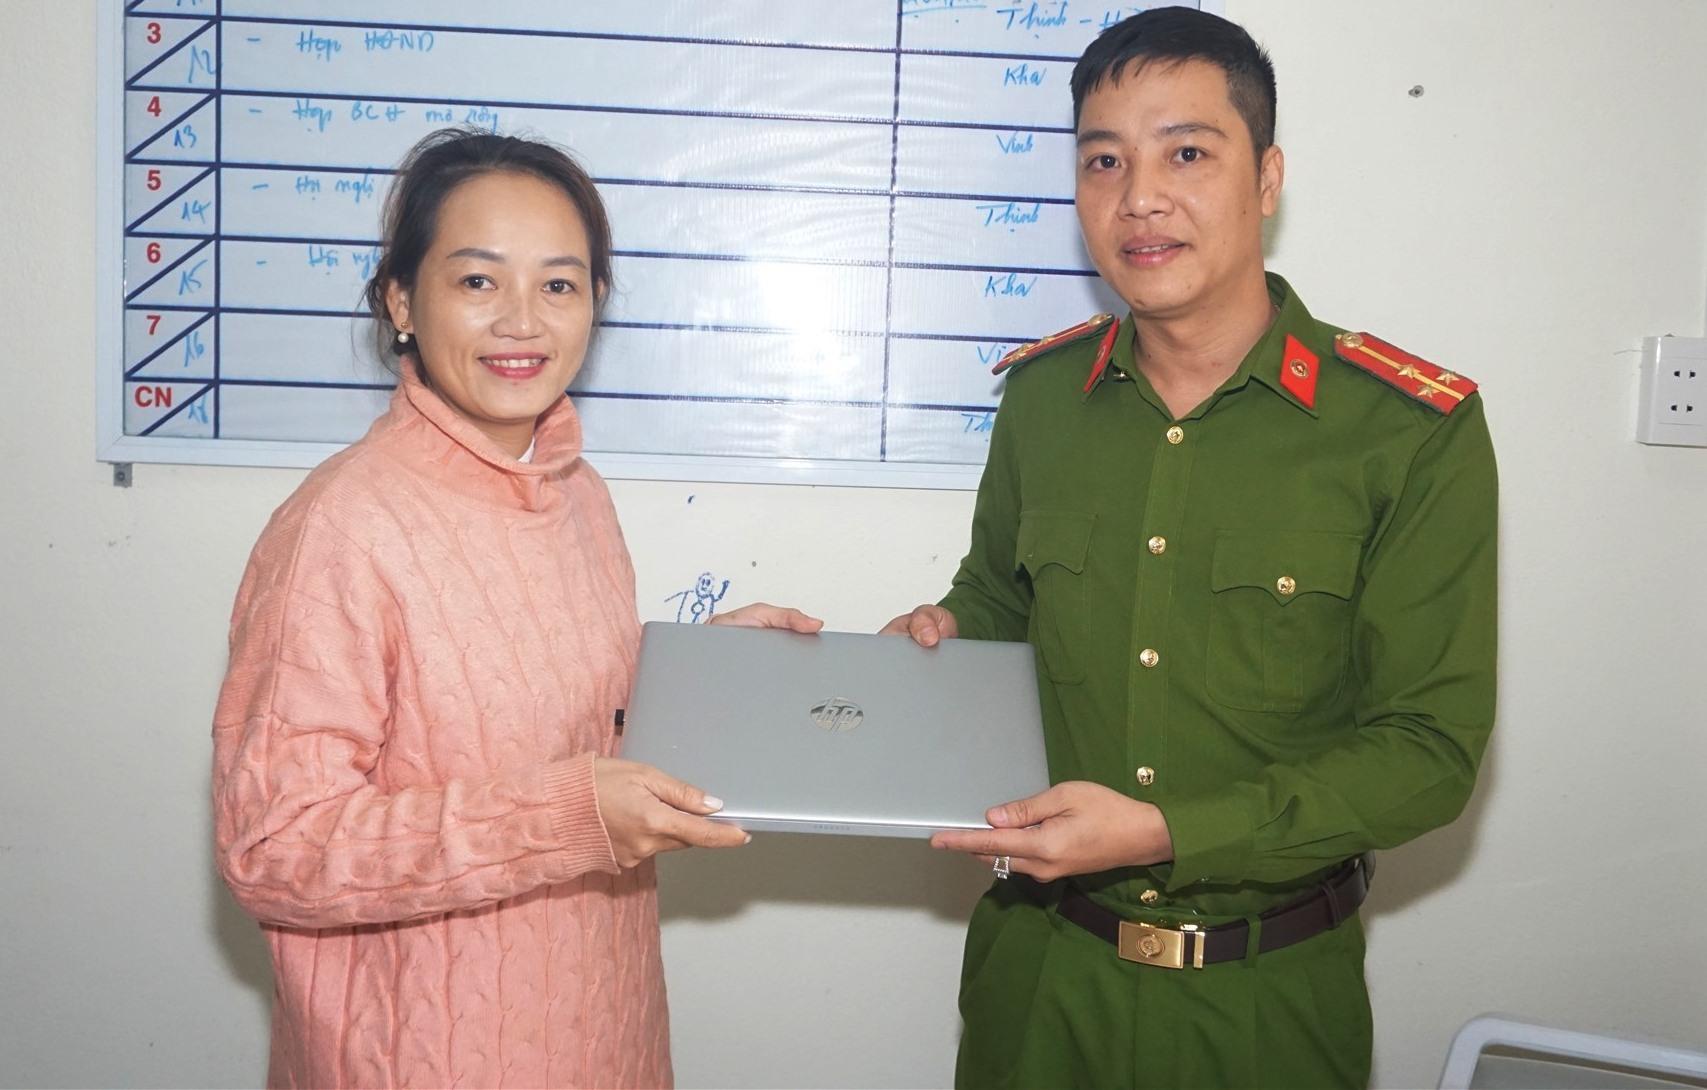 Thượng úy Lê Quốc Vinh, Công an viên xã Điện Thắng Trung trao trả tài sản cho chị Lê Thị Hoa.